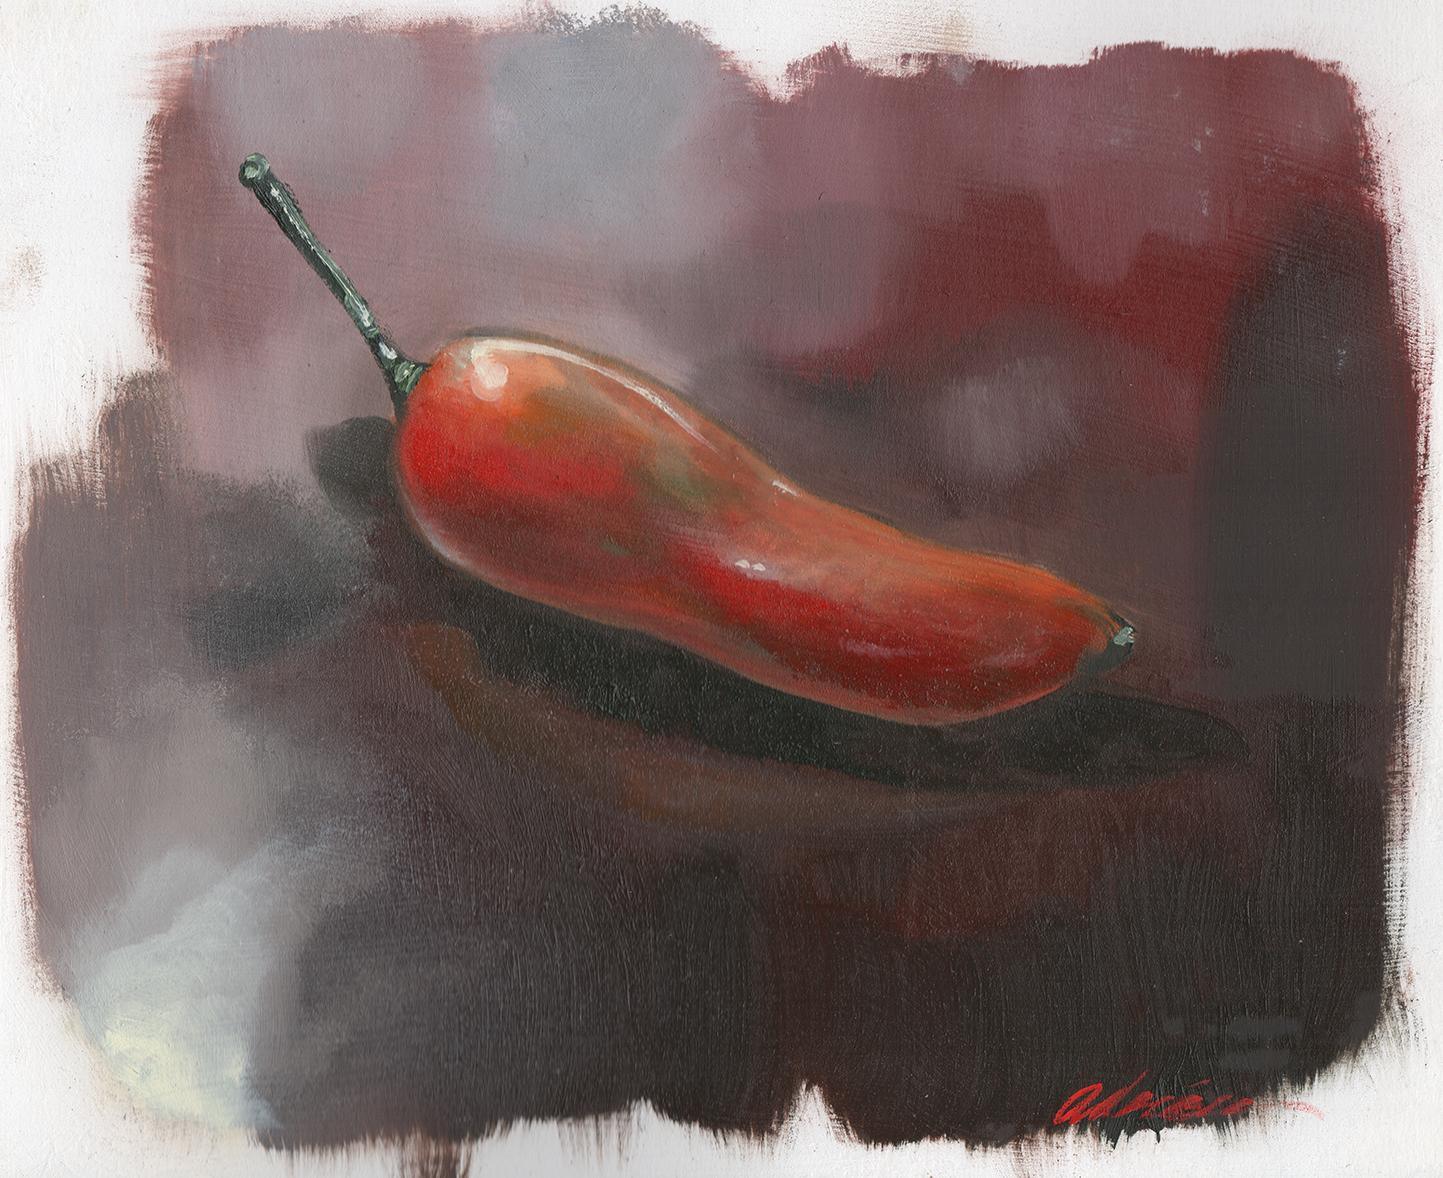 Still Life of Red Jalepeno